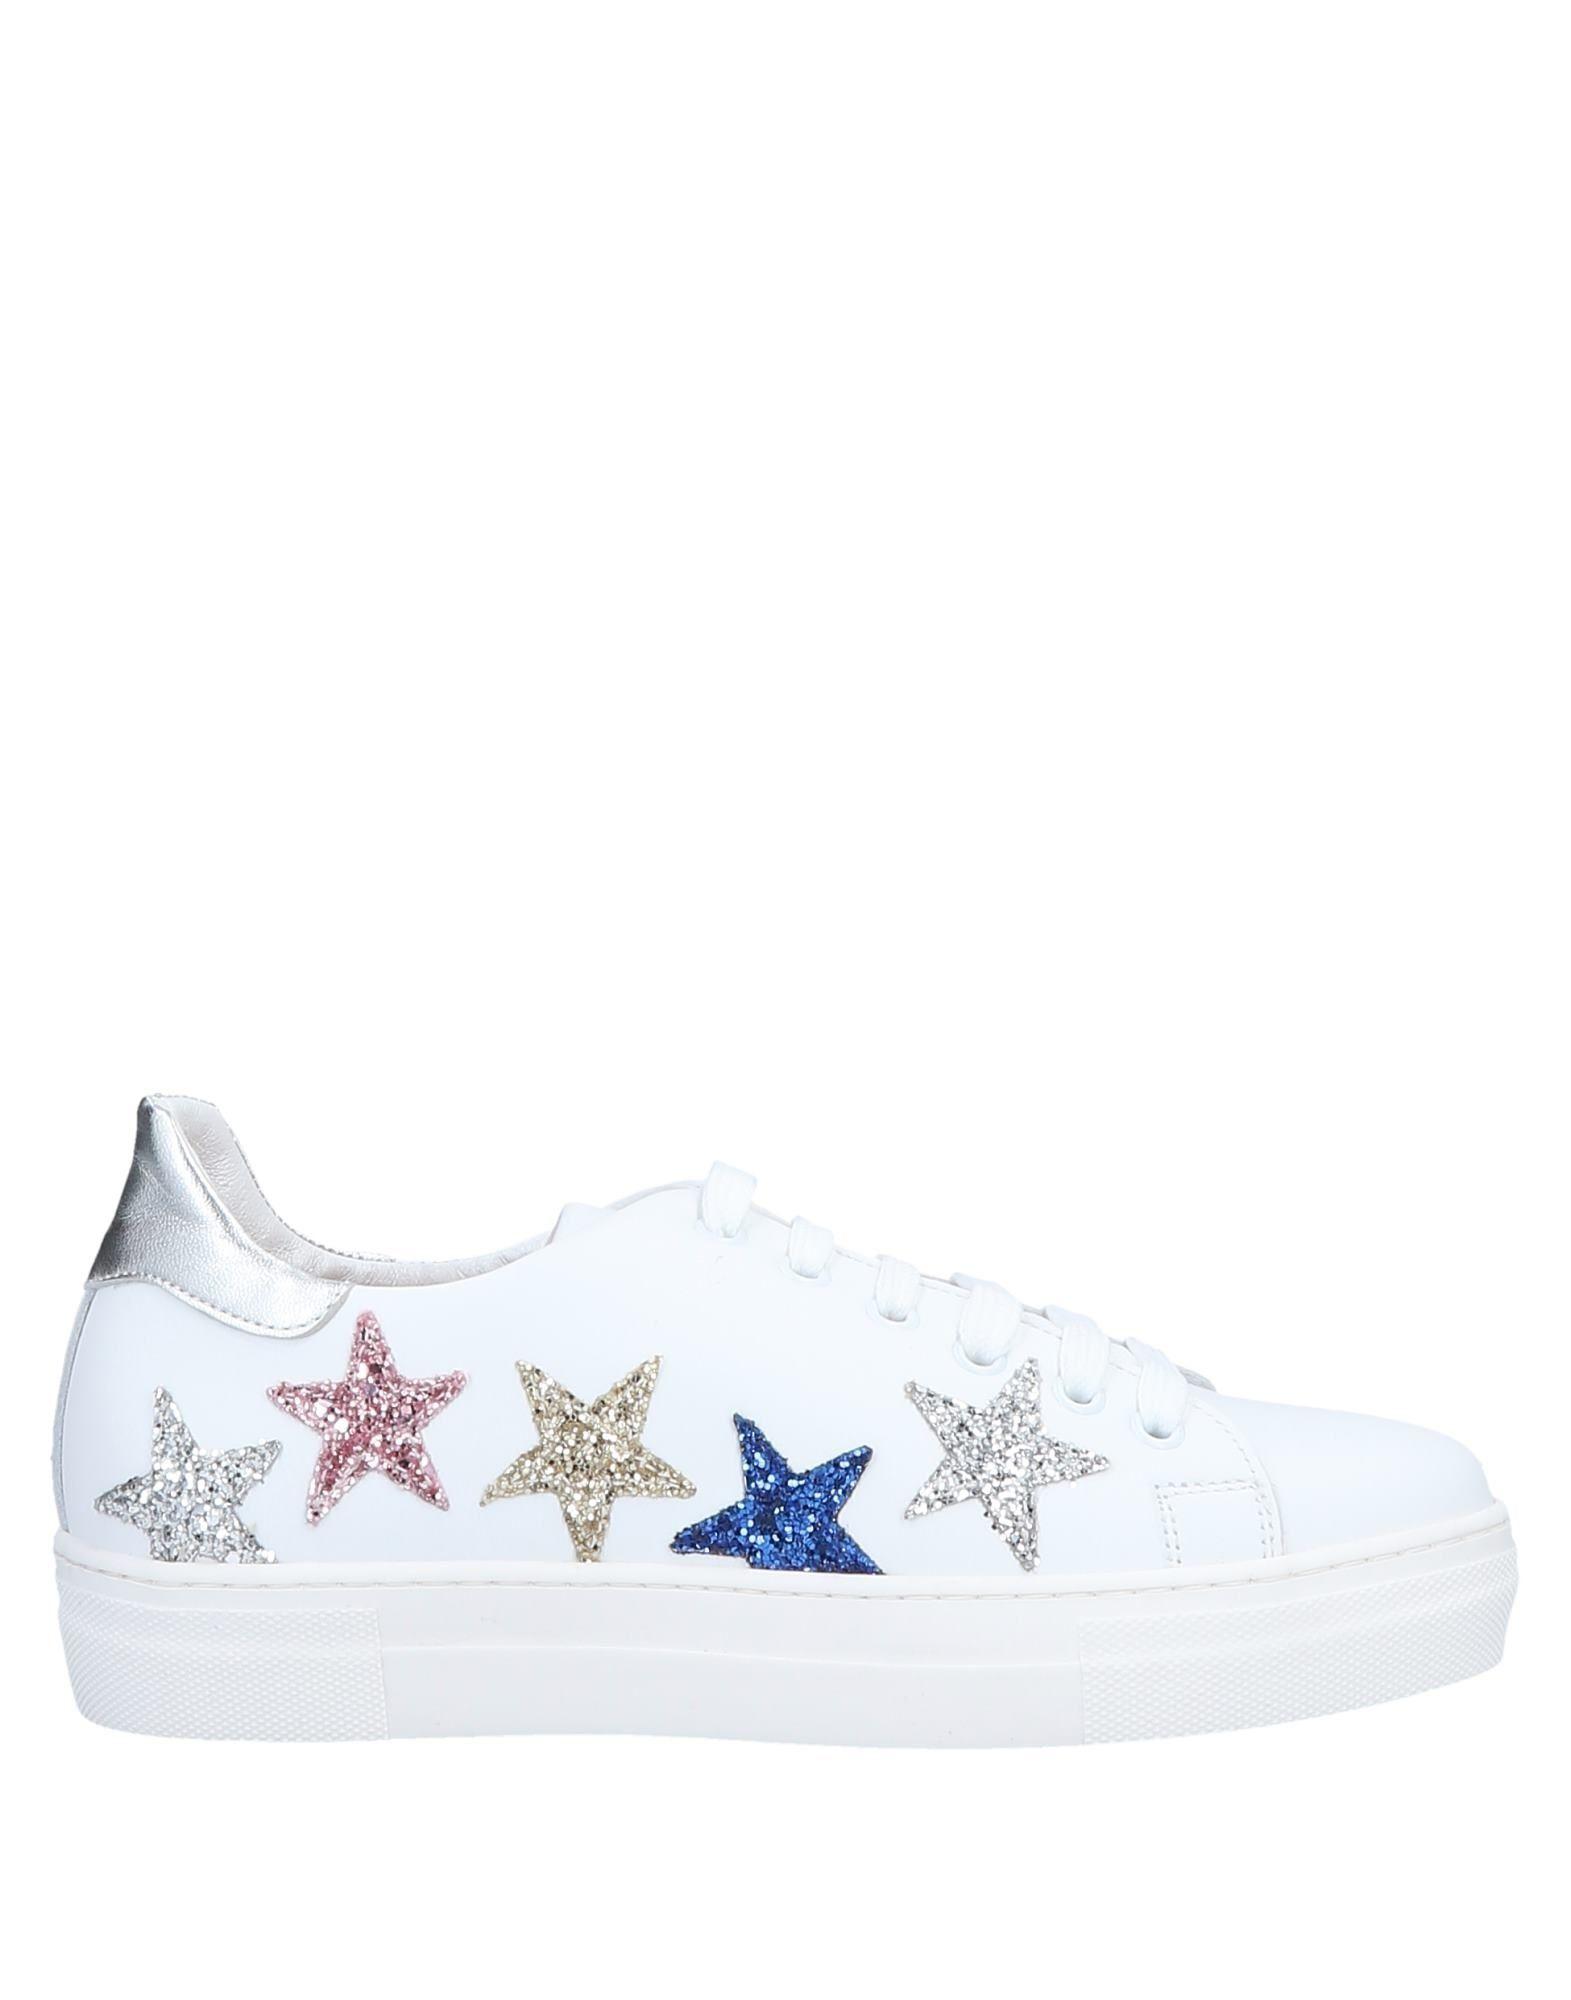 Tsd12 Sneakers Sneakers - Women Tsd12 Sneakers Tsd12 online on  Canada - 11567467HX 9fc5ed